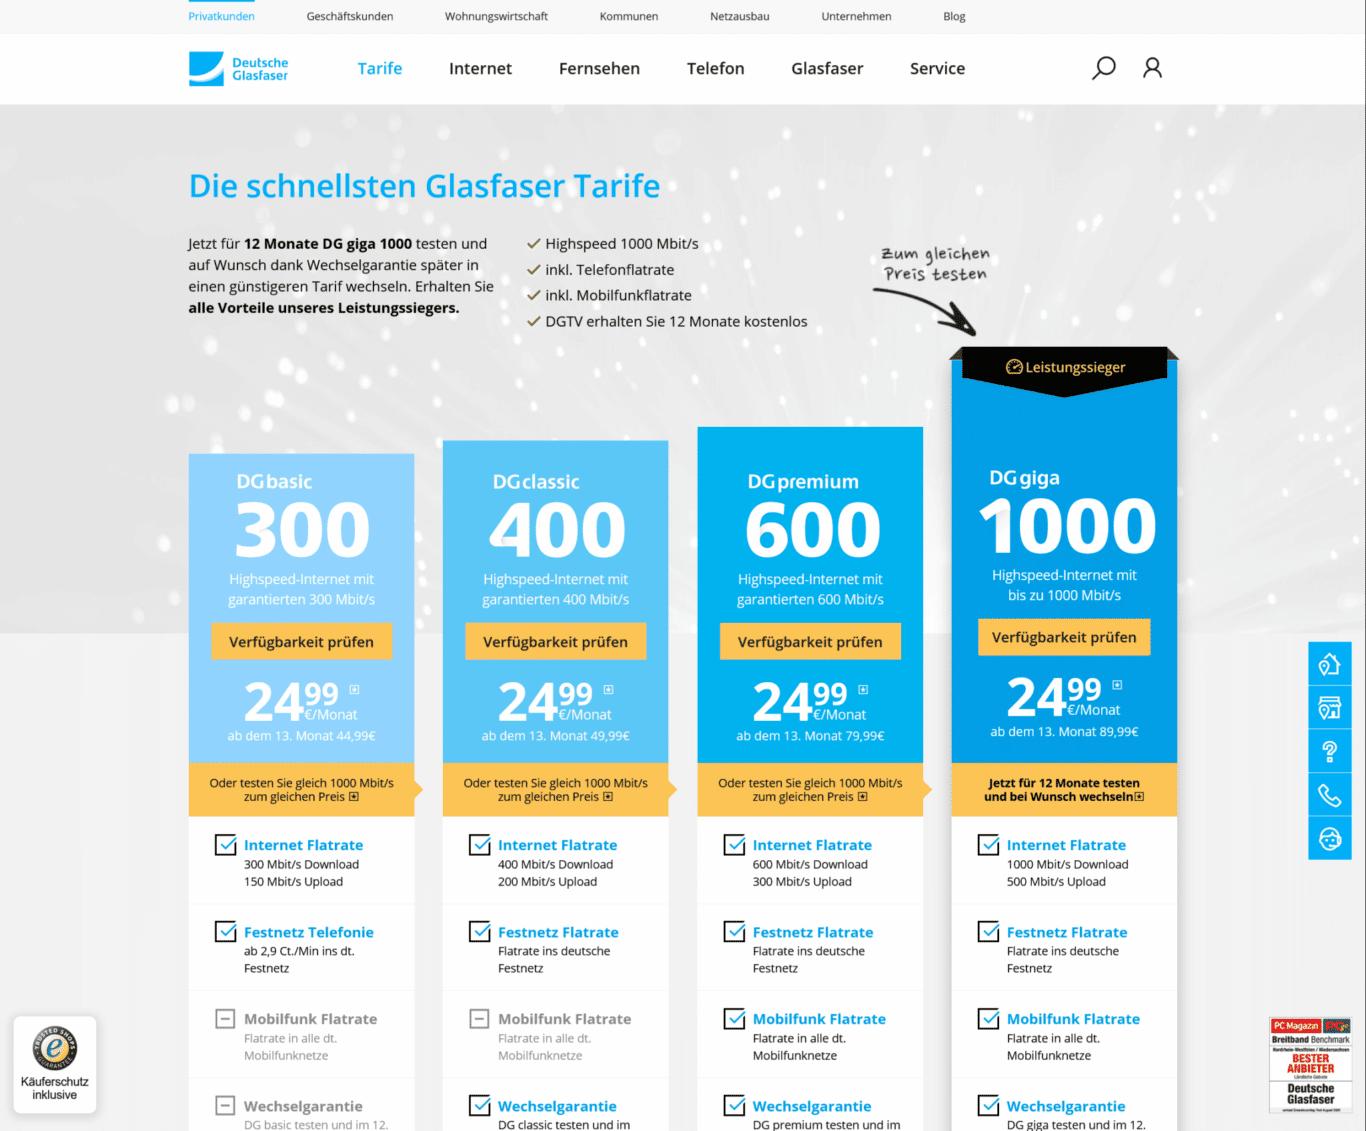 Das Angebot von Inexio Deutsche Glasfaser auf ihrer Website